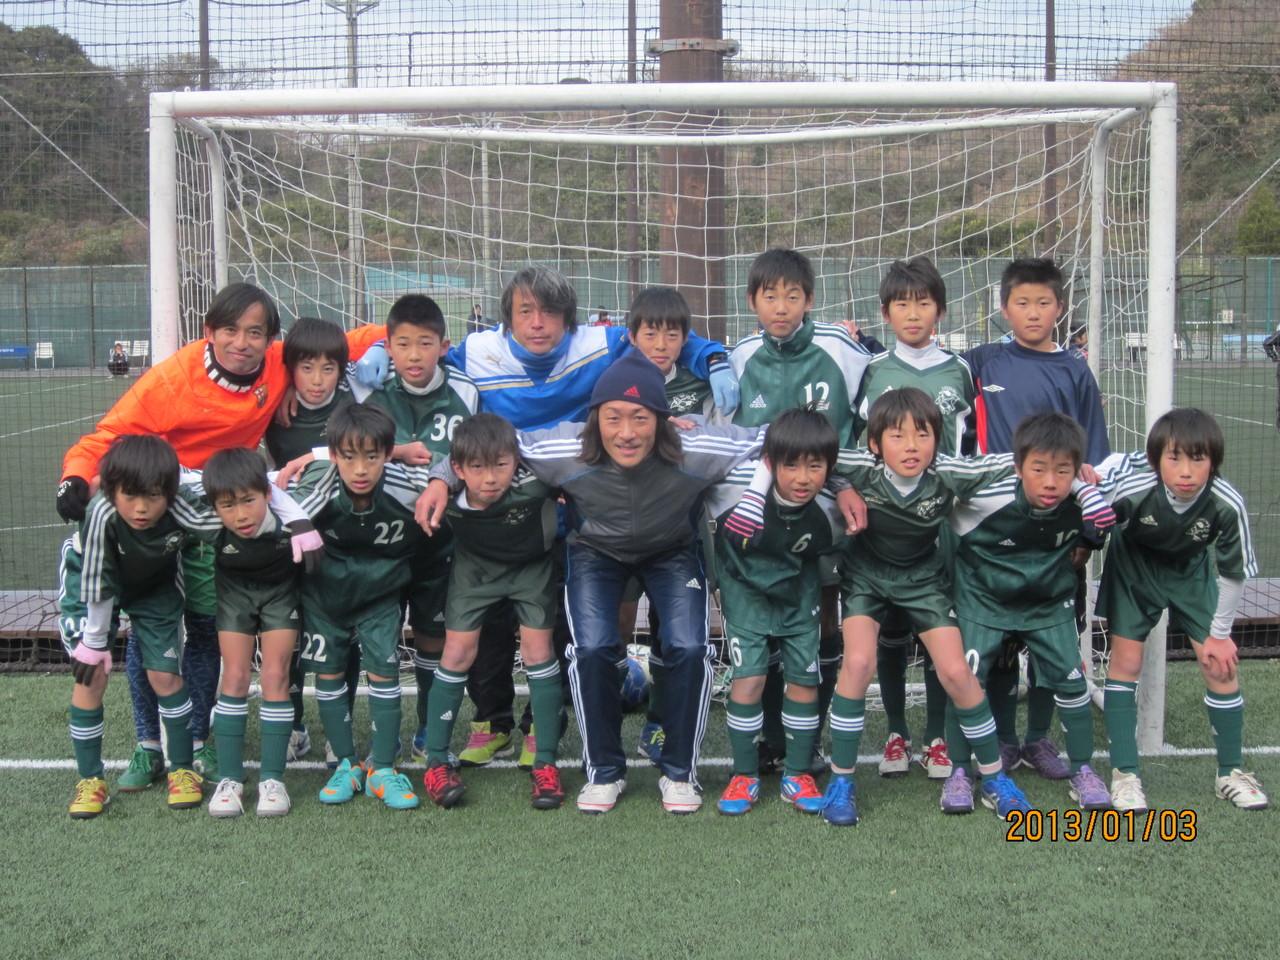 初蹴り大会 U-12( 6年生)